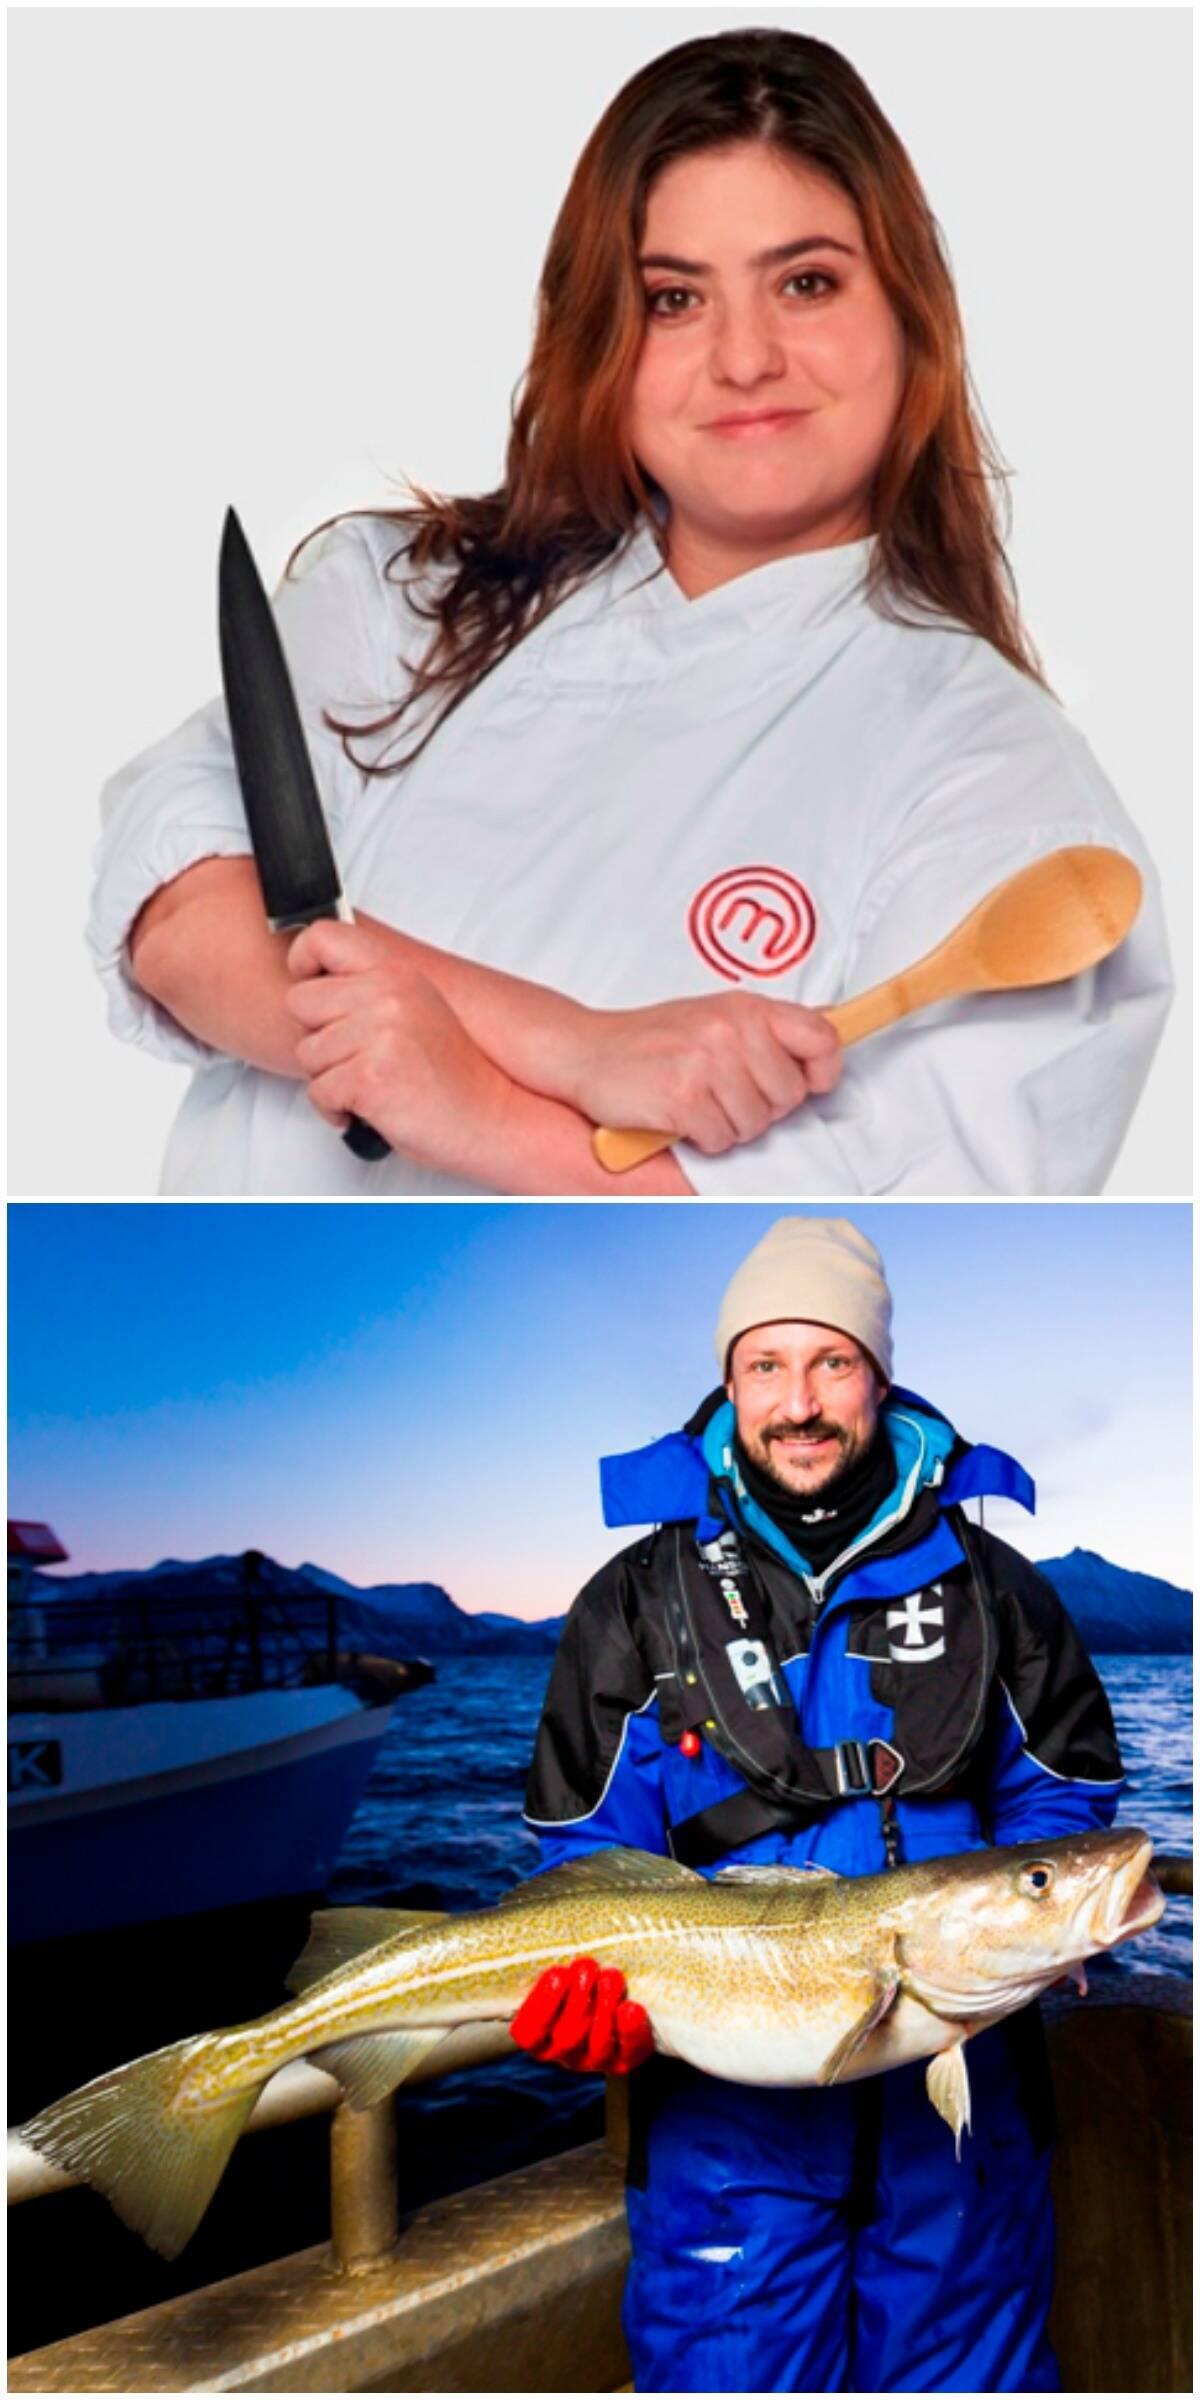 Izabel Alvares, vencedora do Masterchef Brasil, vai fazer um churrasco de bacalhau para o príncipe da Noruega / Fotos: divulgação